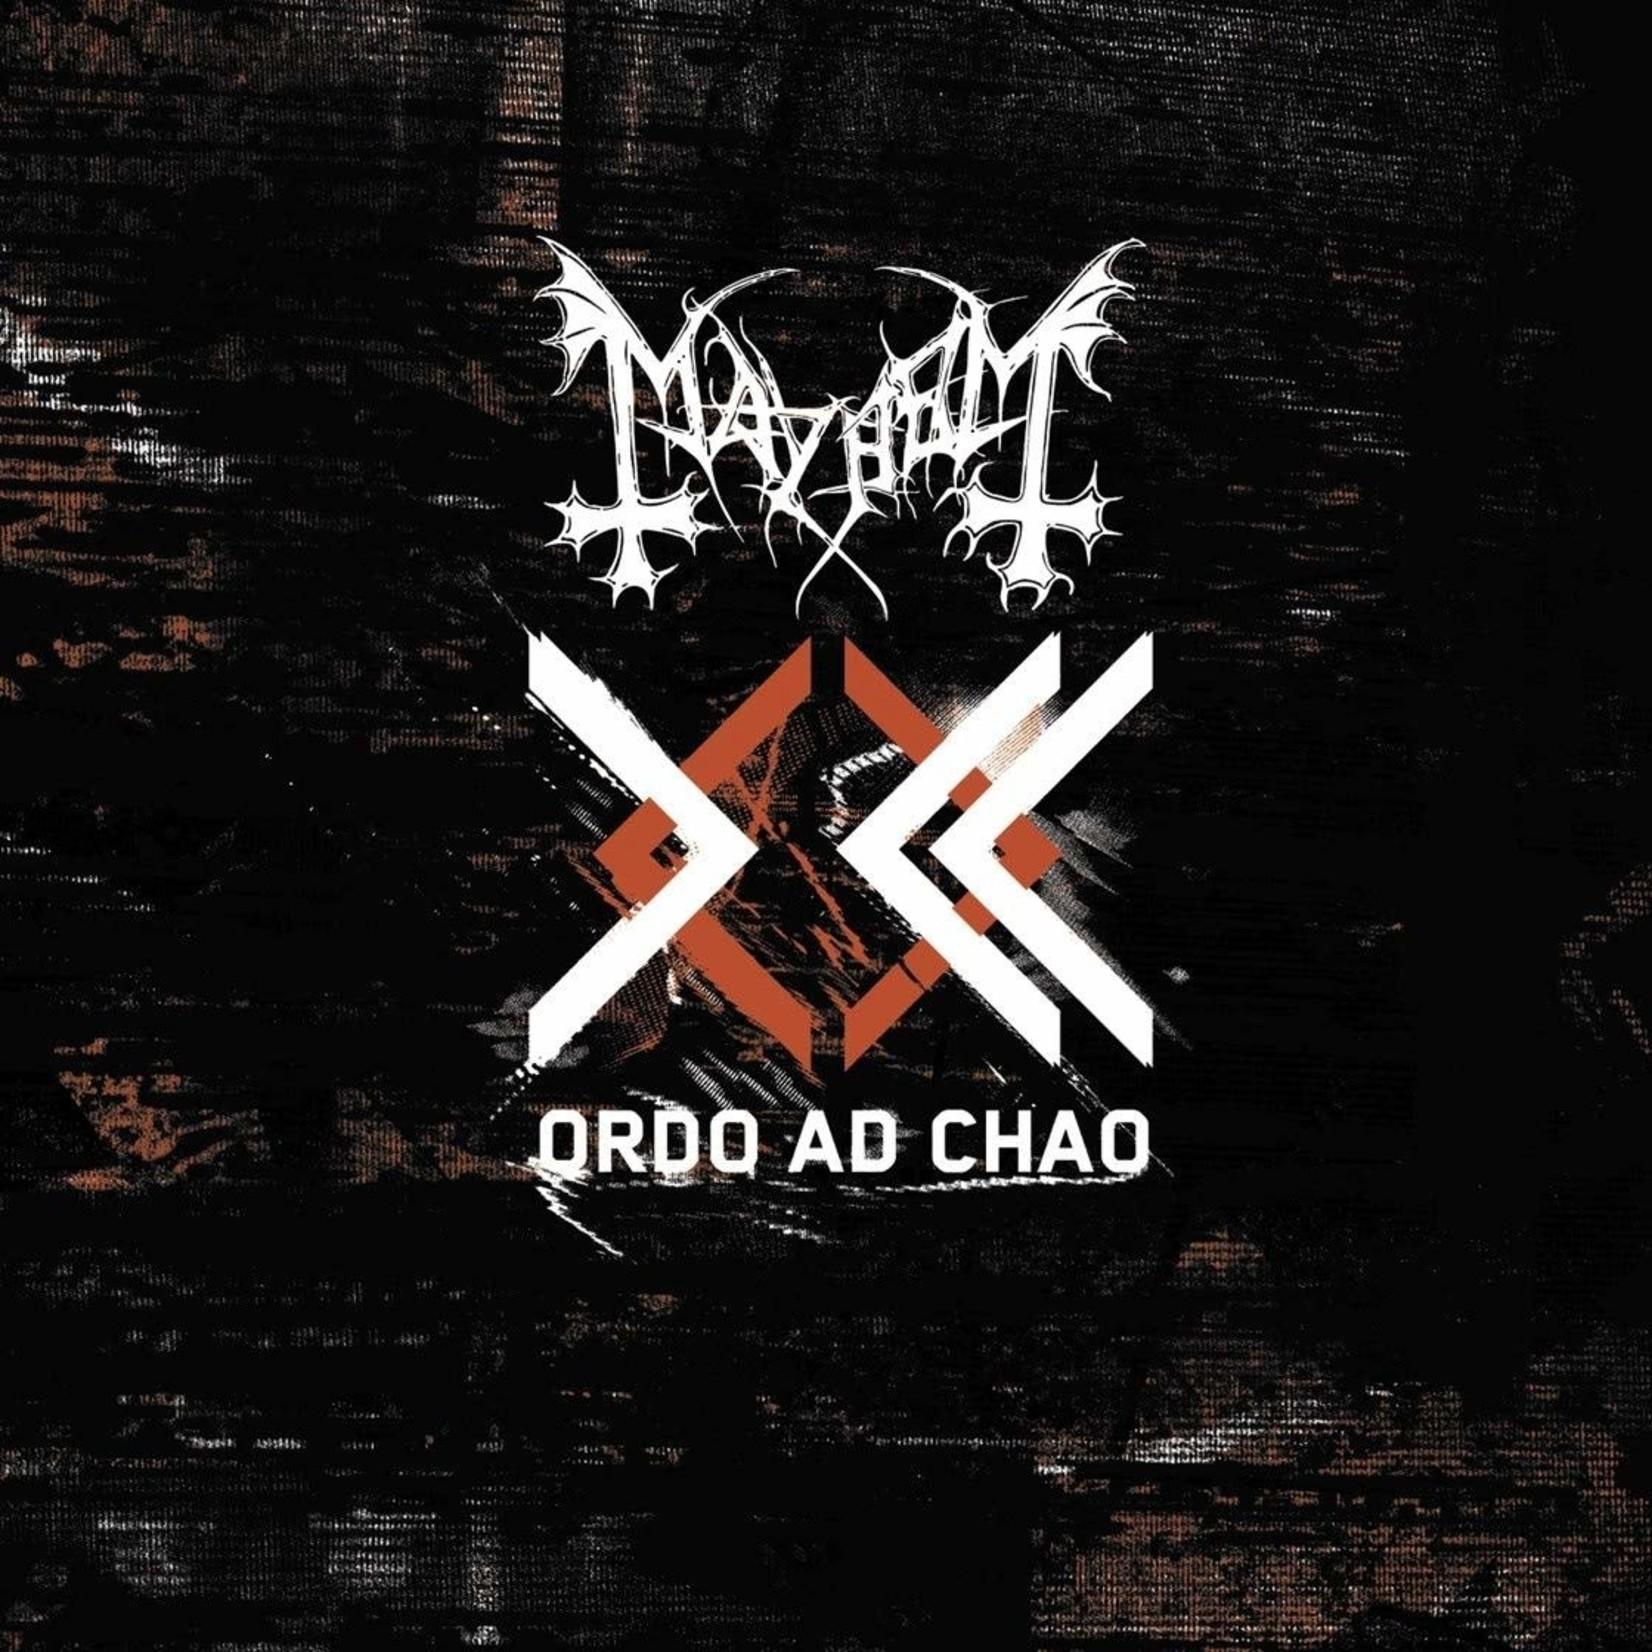 [New] Mayhem: Ordo Ad Chao